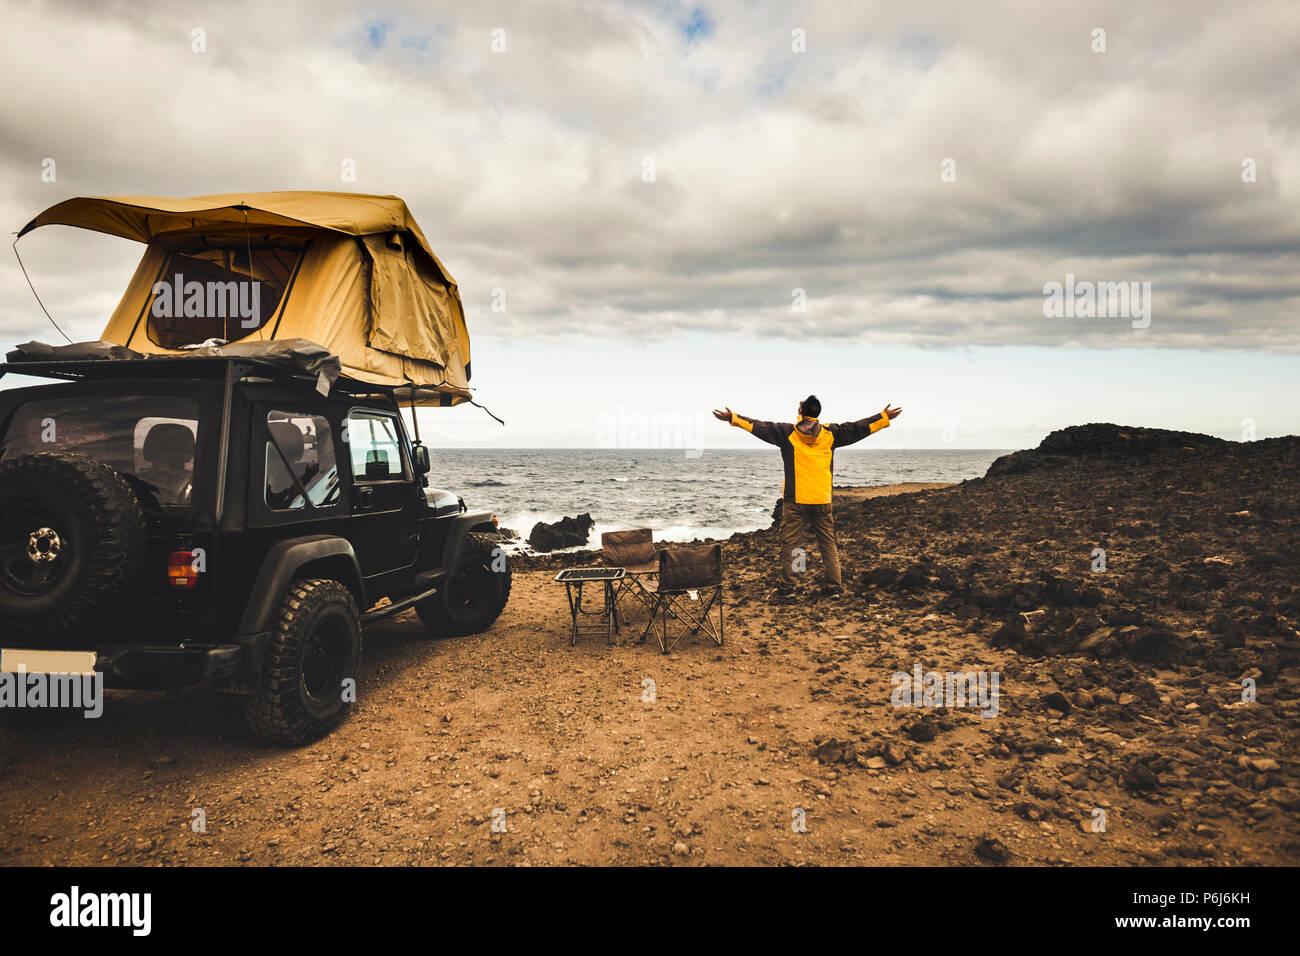 Aventurero hombre en viaje viajar con coche todoterreno y tienda de techo para disfrutar de la libertad y explorer concepto. Descubra el mundo que vivían cerca de la potencia de la TH Imagen De Stock